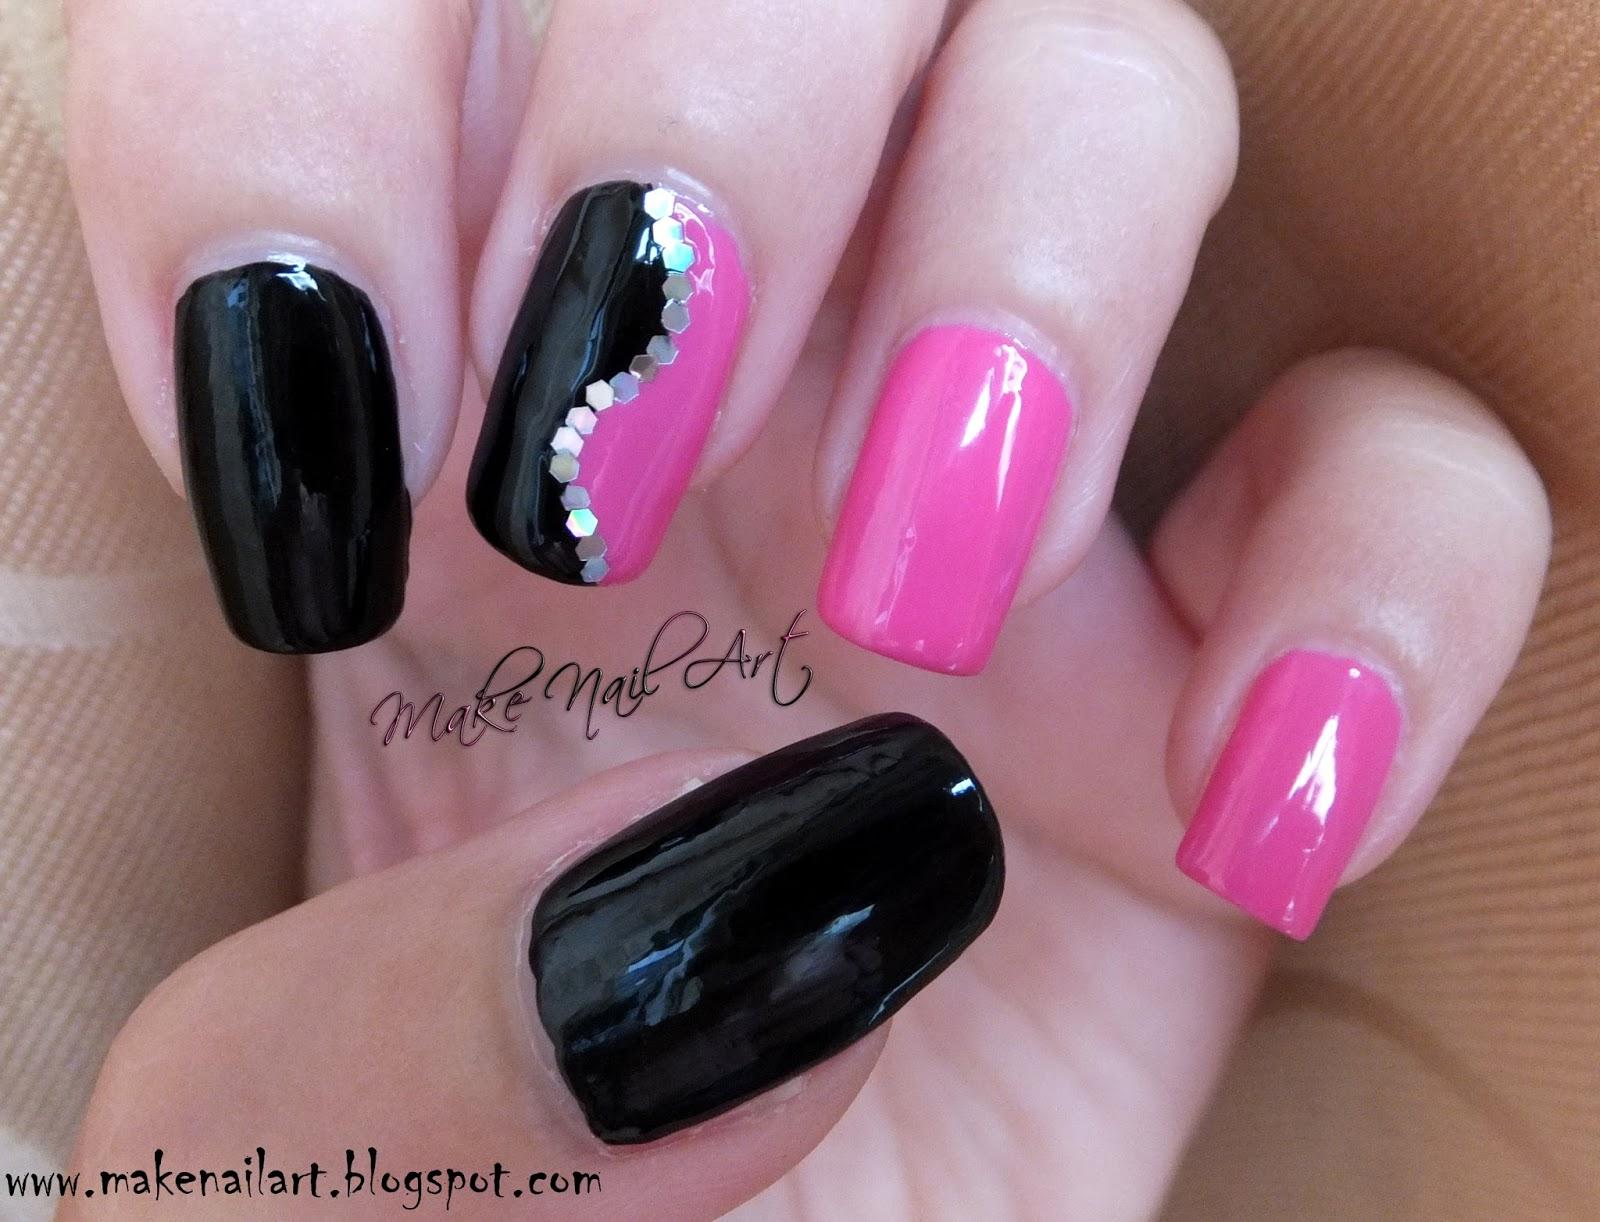 Make Nail Art: Easy Black And Pink Nail Design Nail Art ...